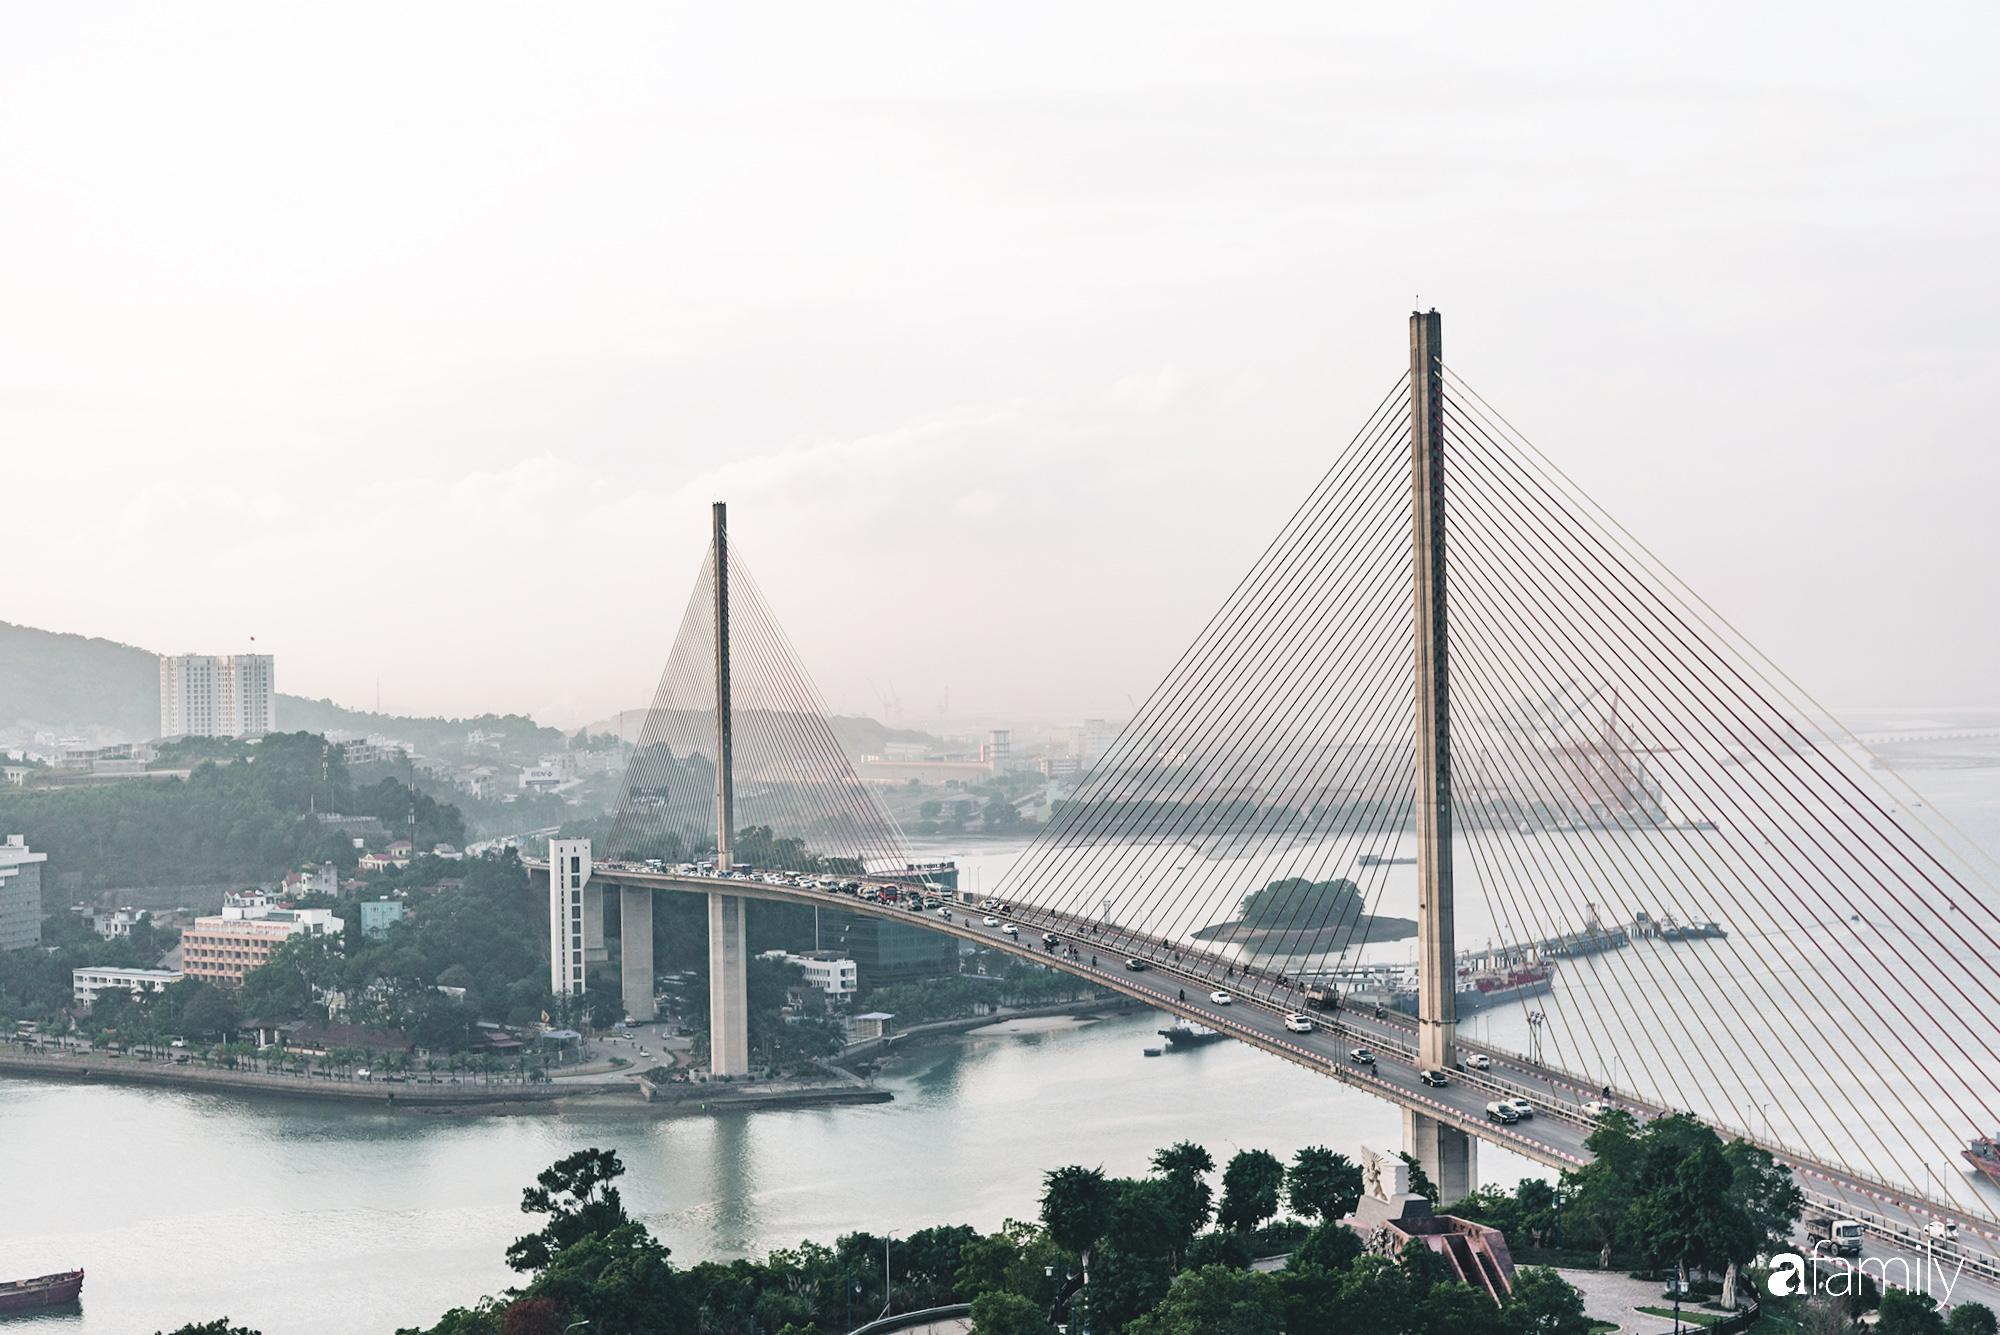 """3 ngày 2 đêm ở Quảng Ninh: Đi để biết """"xứ sở vàng đen"""" vẫn còn quá nhiều kỳ diệu để khám phá cùng nhau! - Ảnh 1."""